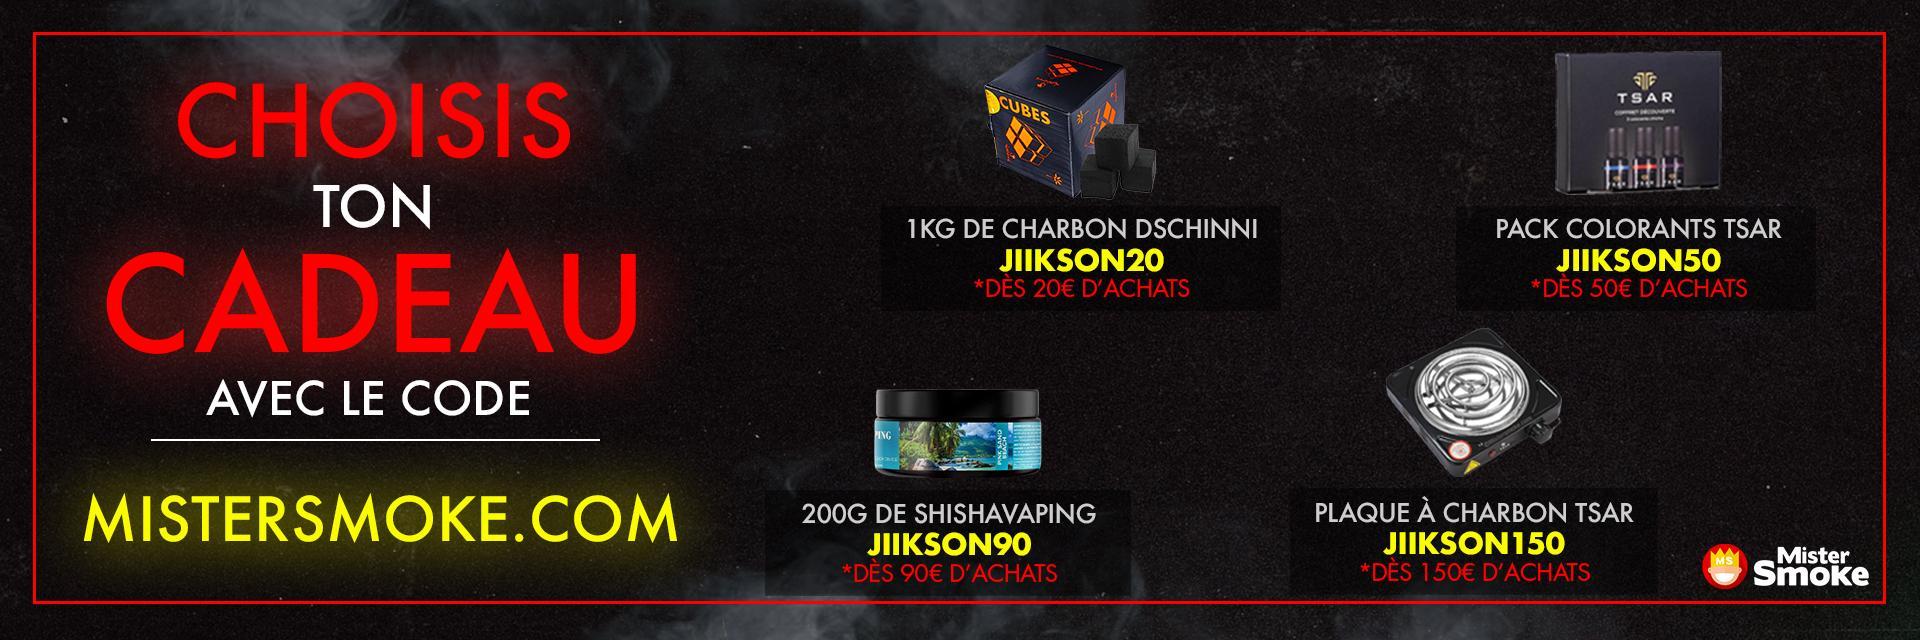 Banniere site code promo version dschinni 4